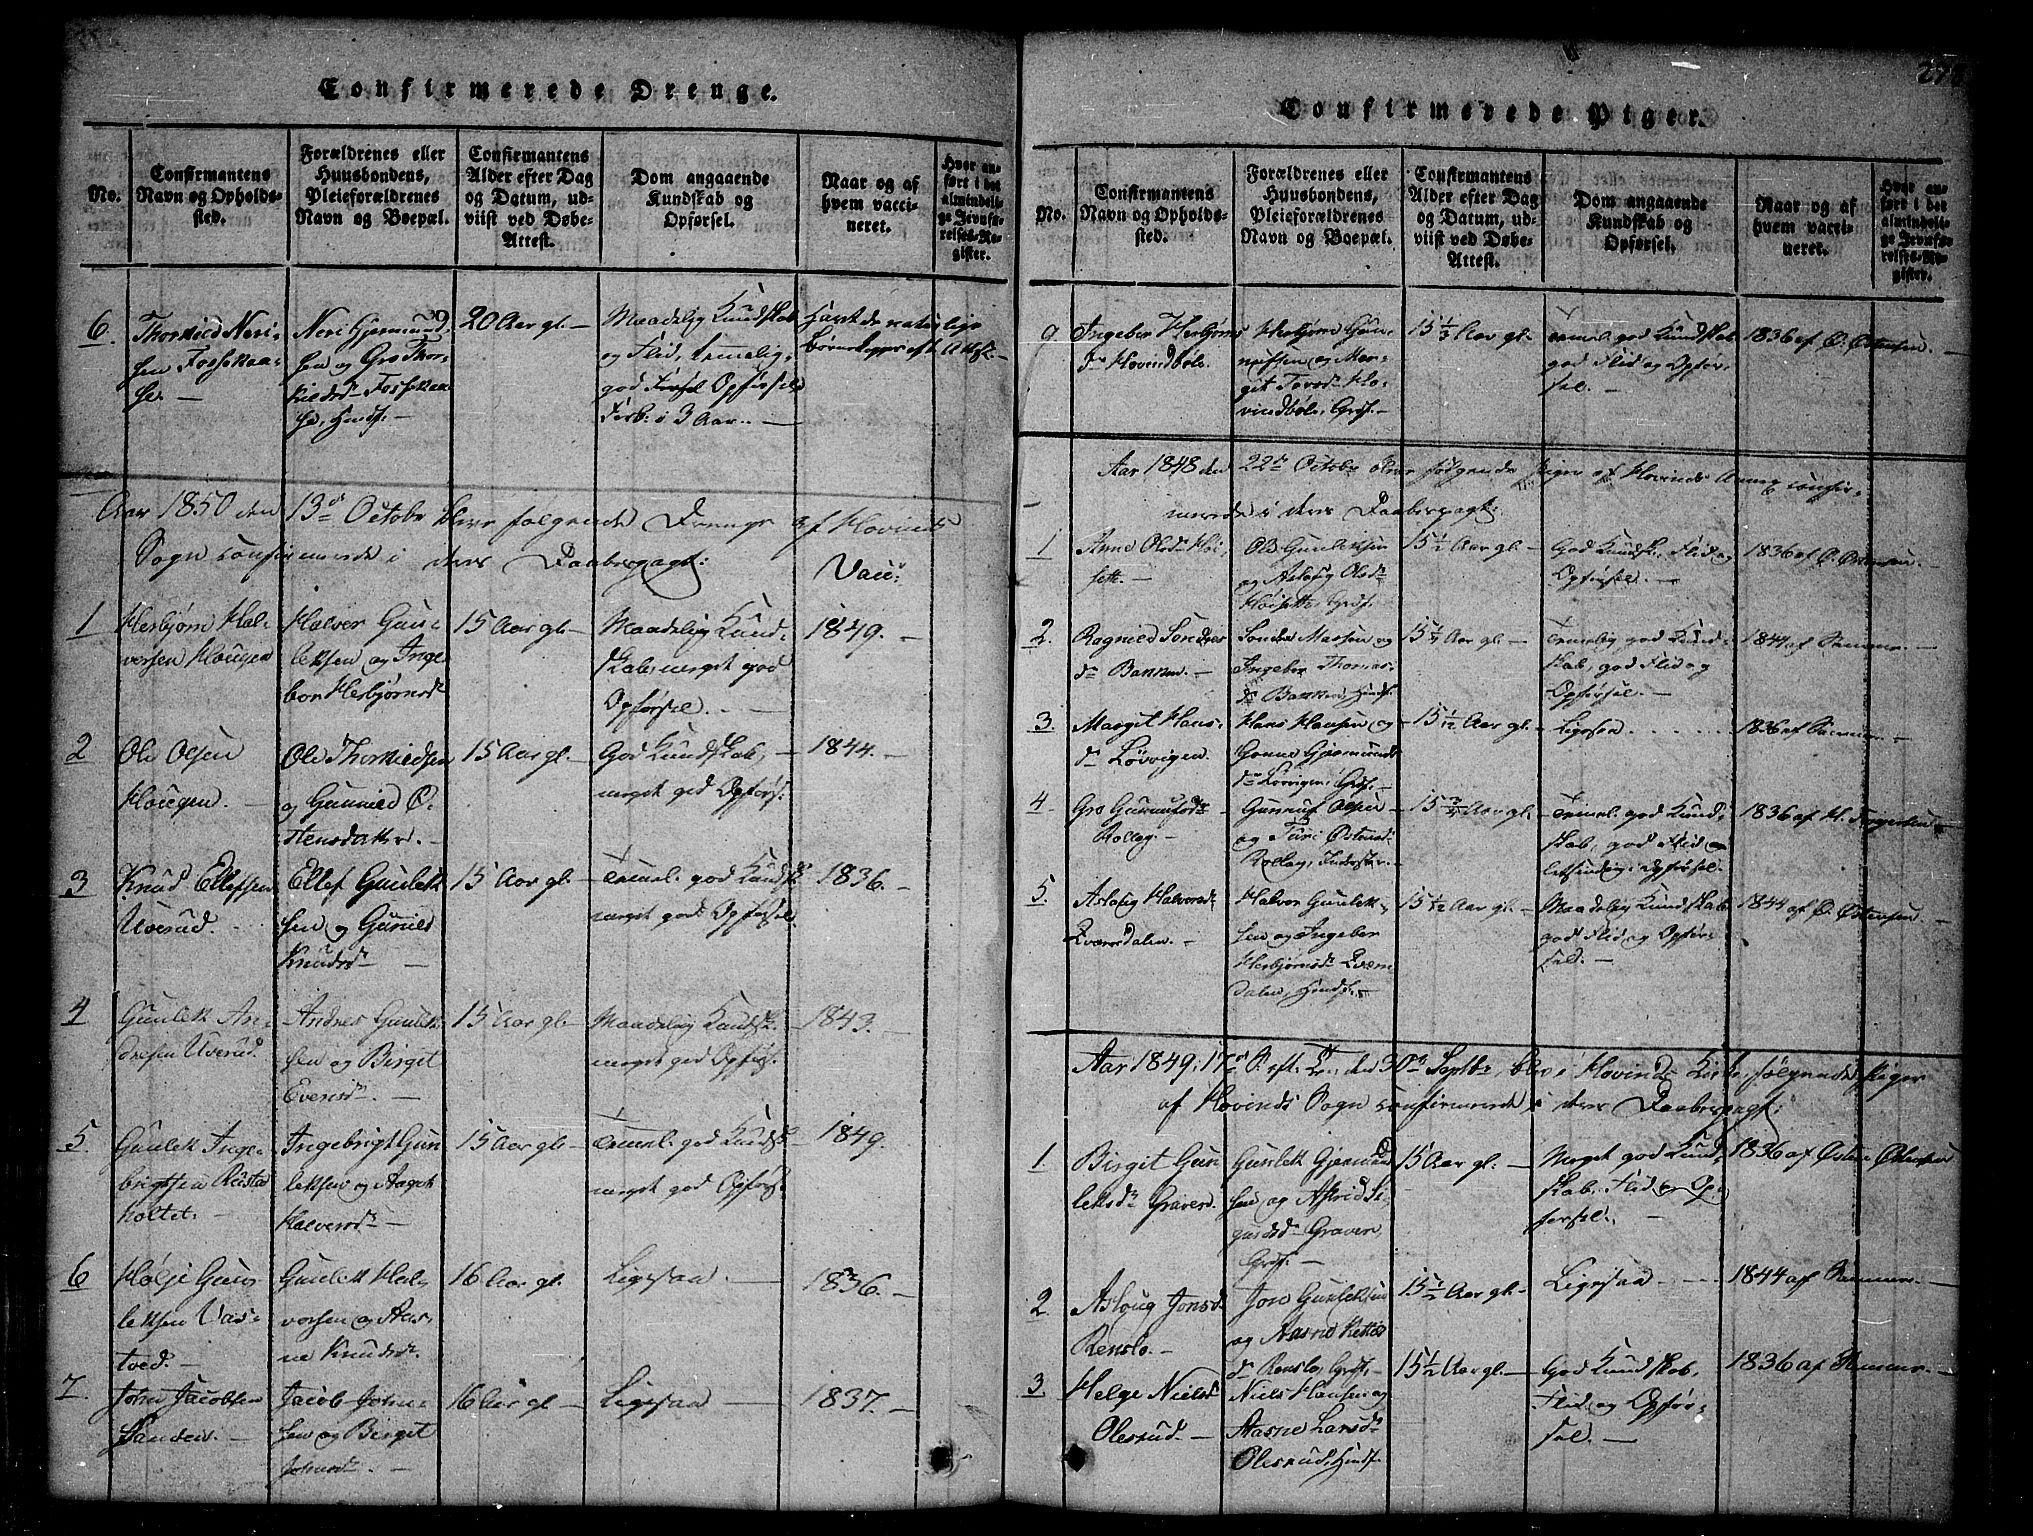 SAKO, Gransherad kirkebøker, G/Gb/L0001: Klokkerbok nr. II 1, 1815-1860, s. 278